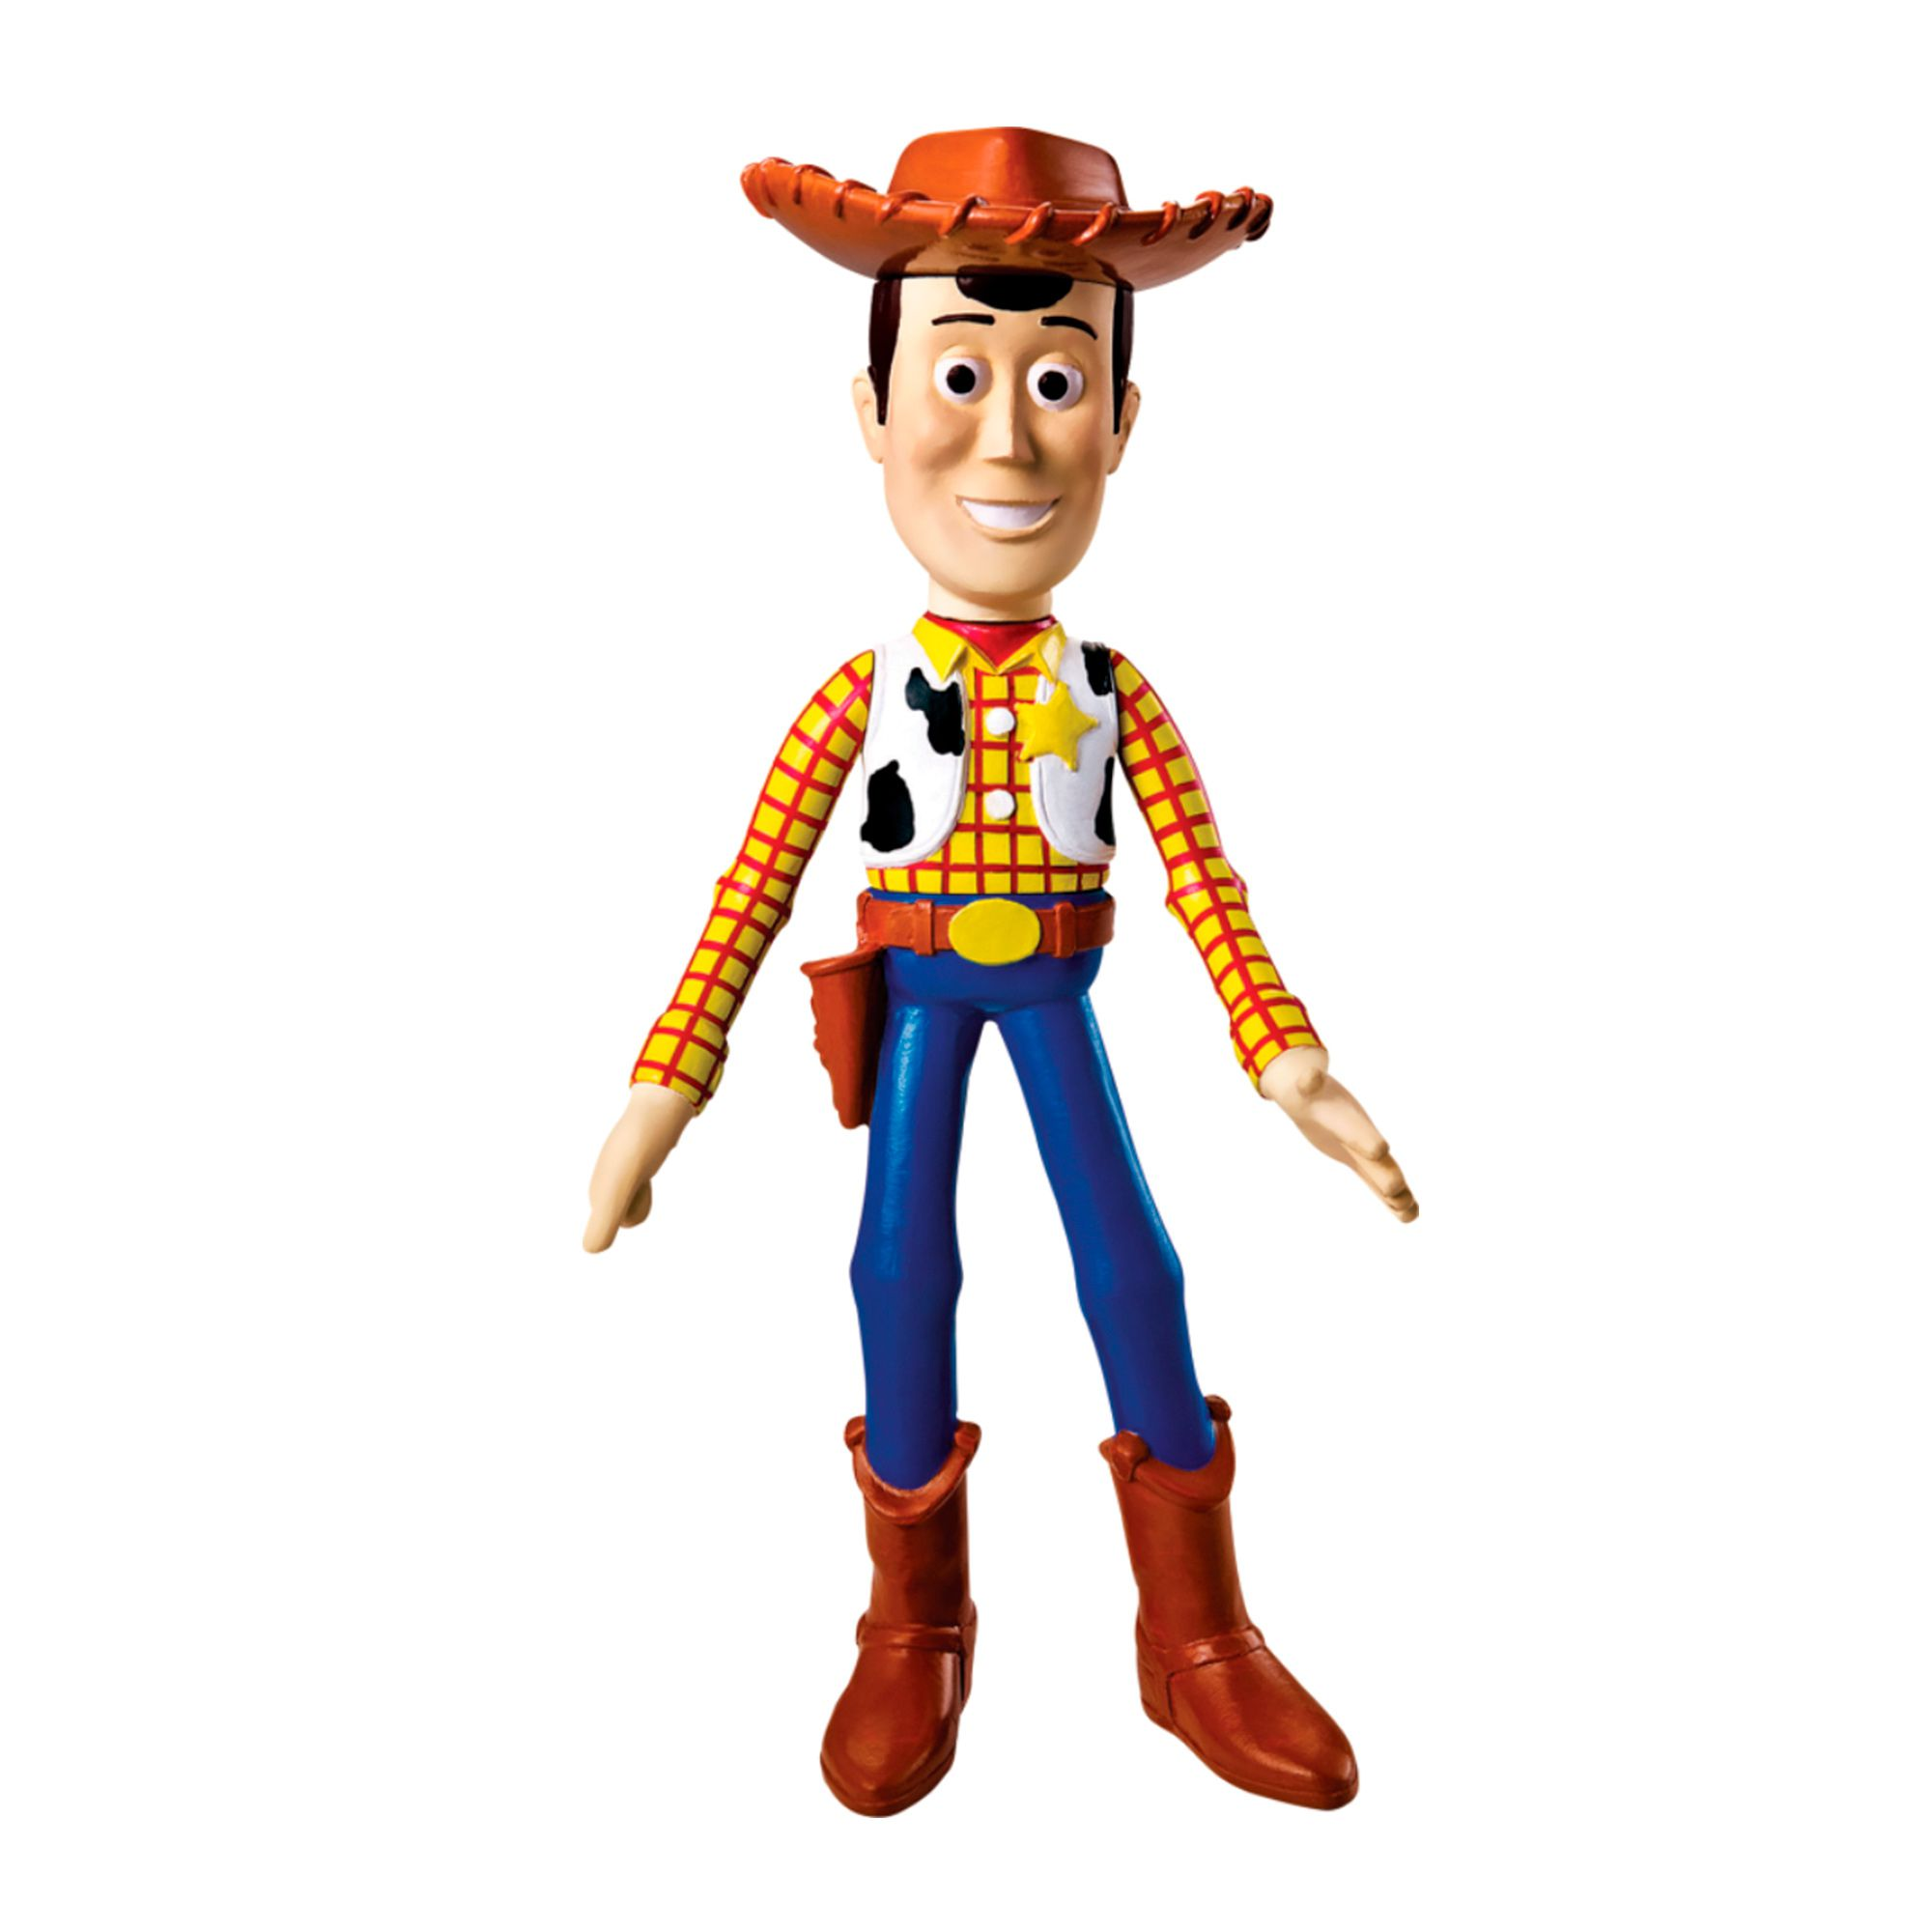 Boneco Toy Story Woody